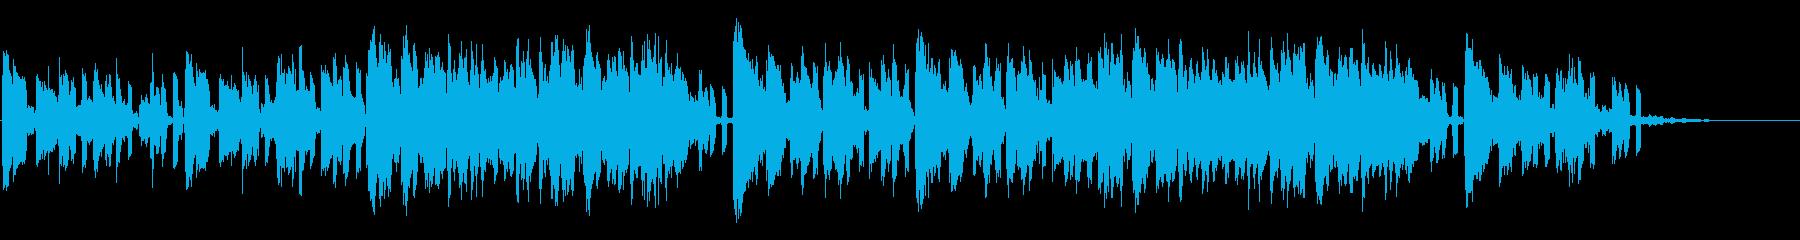 CMや短尺動画用のゆったり癒し系楽曲の再生済みの波形